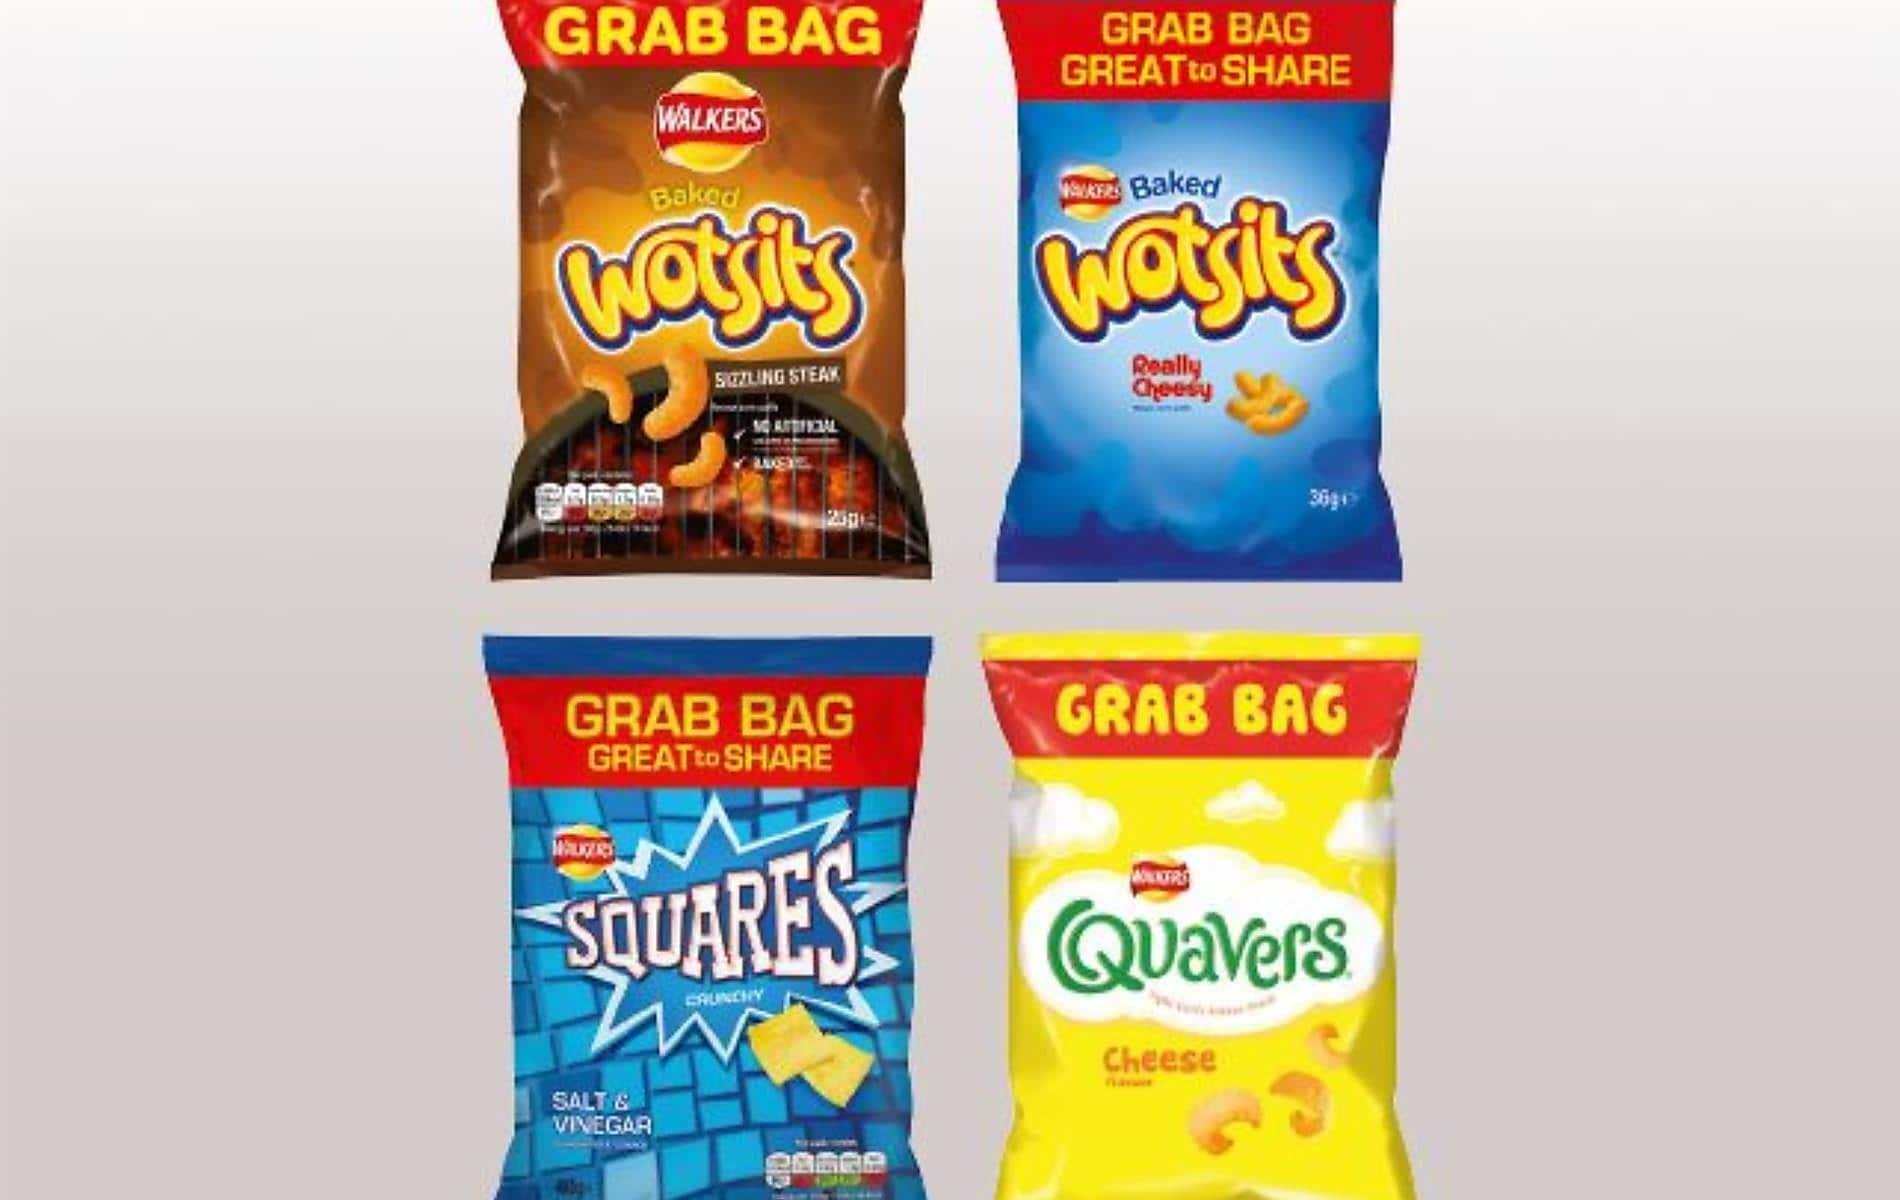 Walkers Grab Bags 2 for £2.50